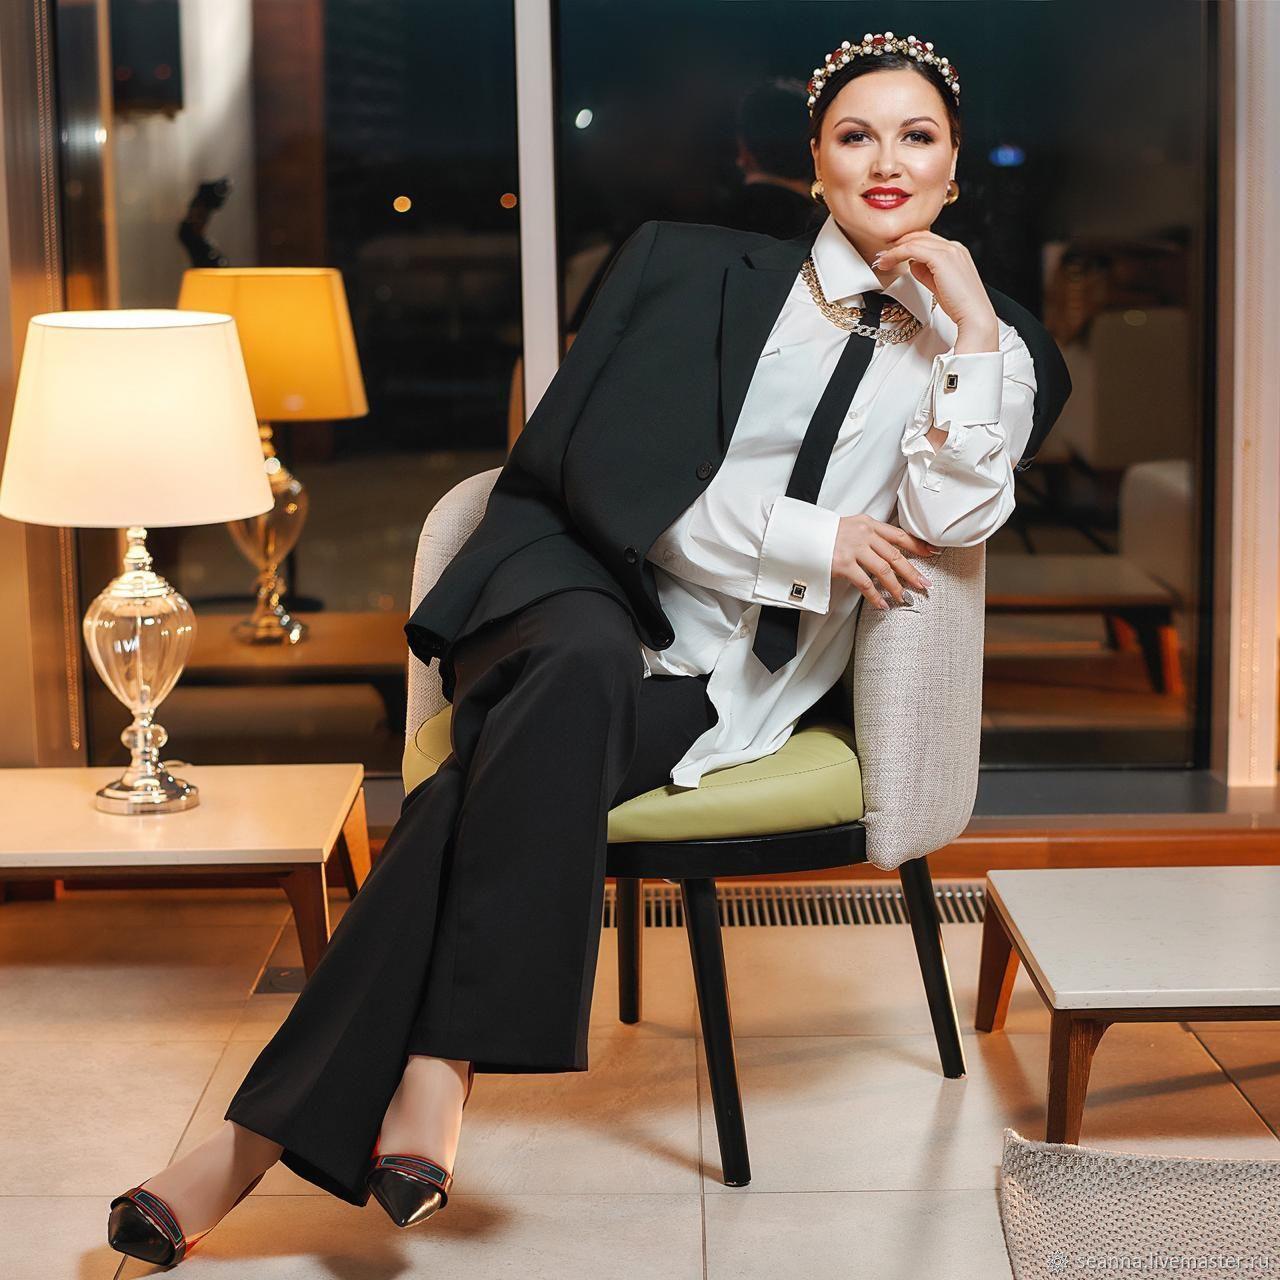 Жакет в мужском стиле, Жакеты, Воронеж,  Фото №1